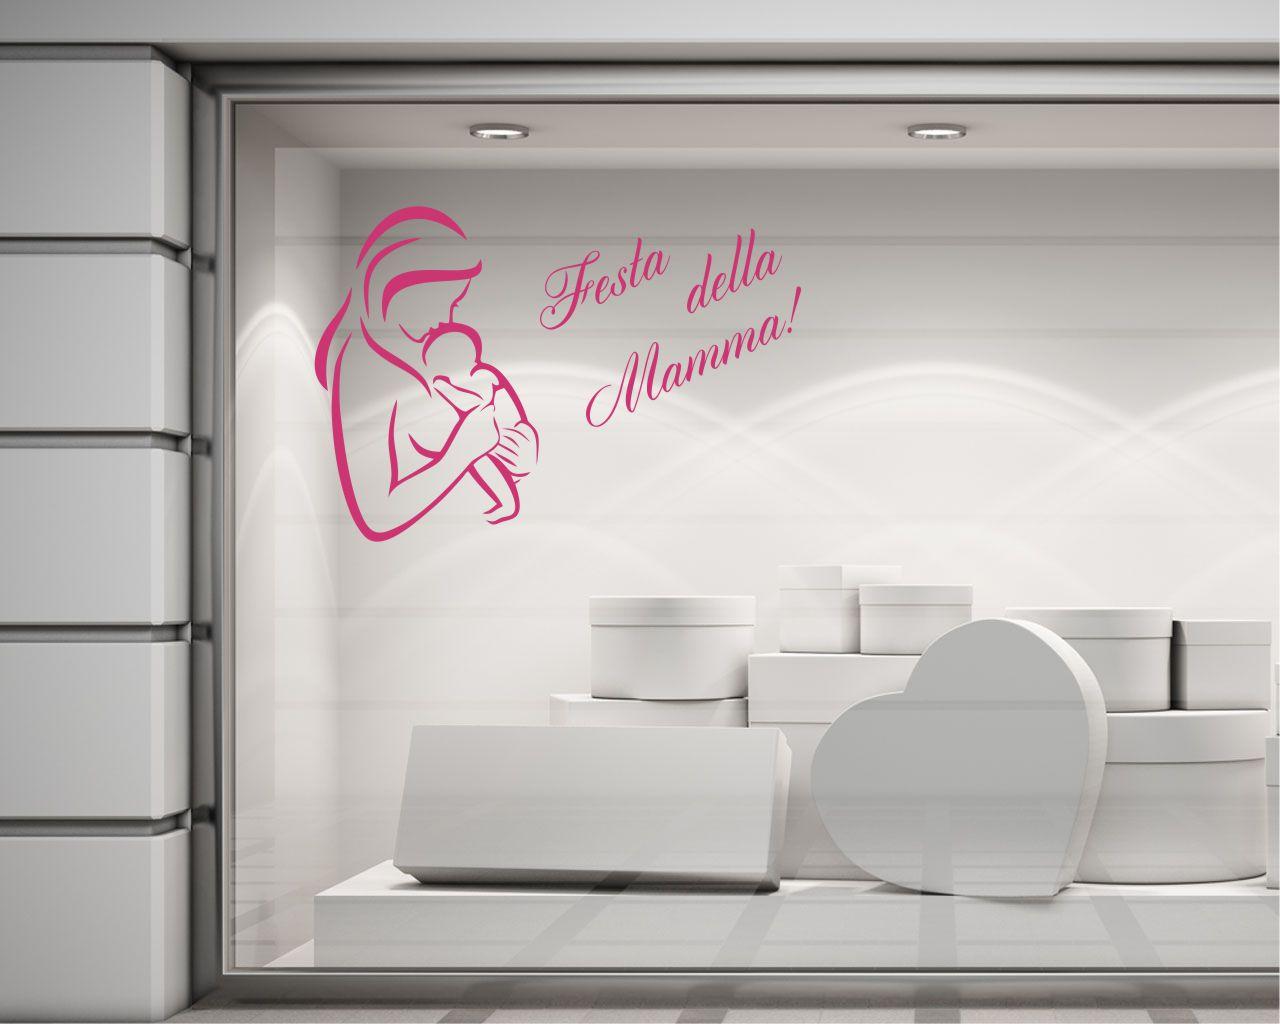 adesivo per vetrine-tanti auguri mamma!